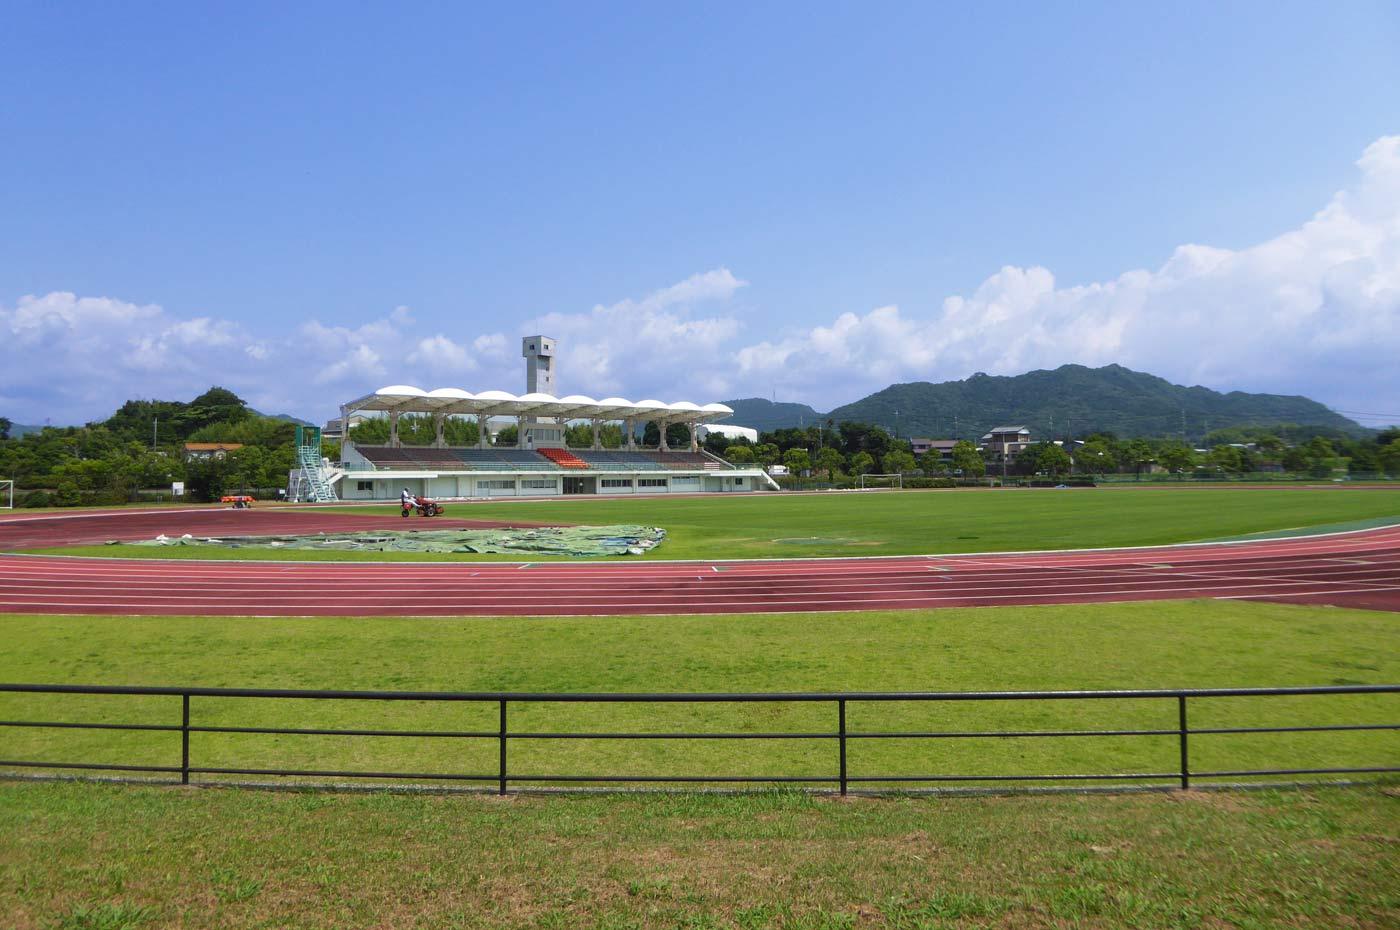 鴨川総合運動施設の陸上競技場